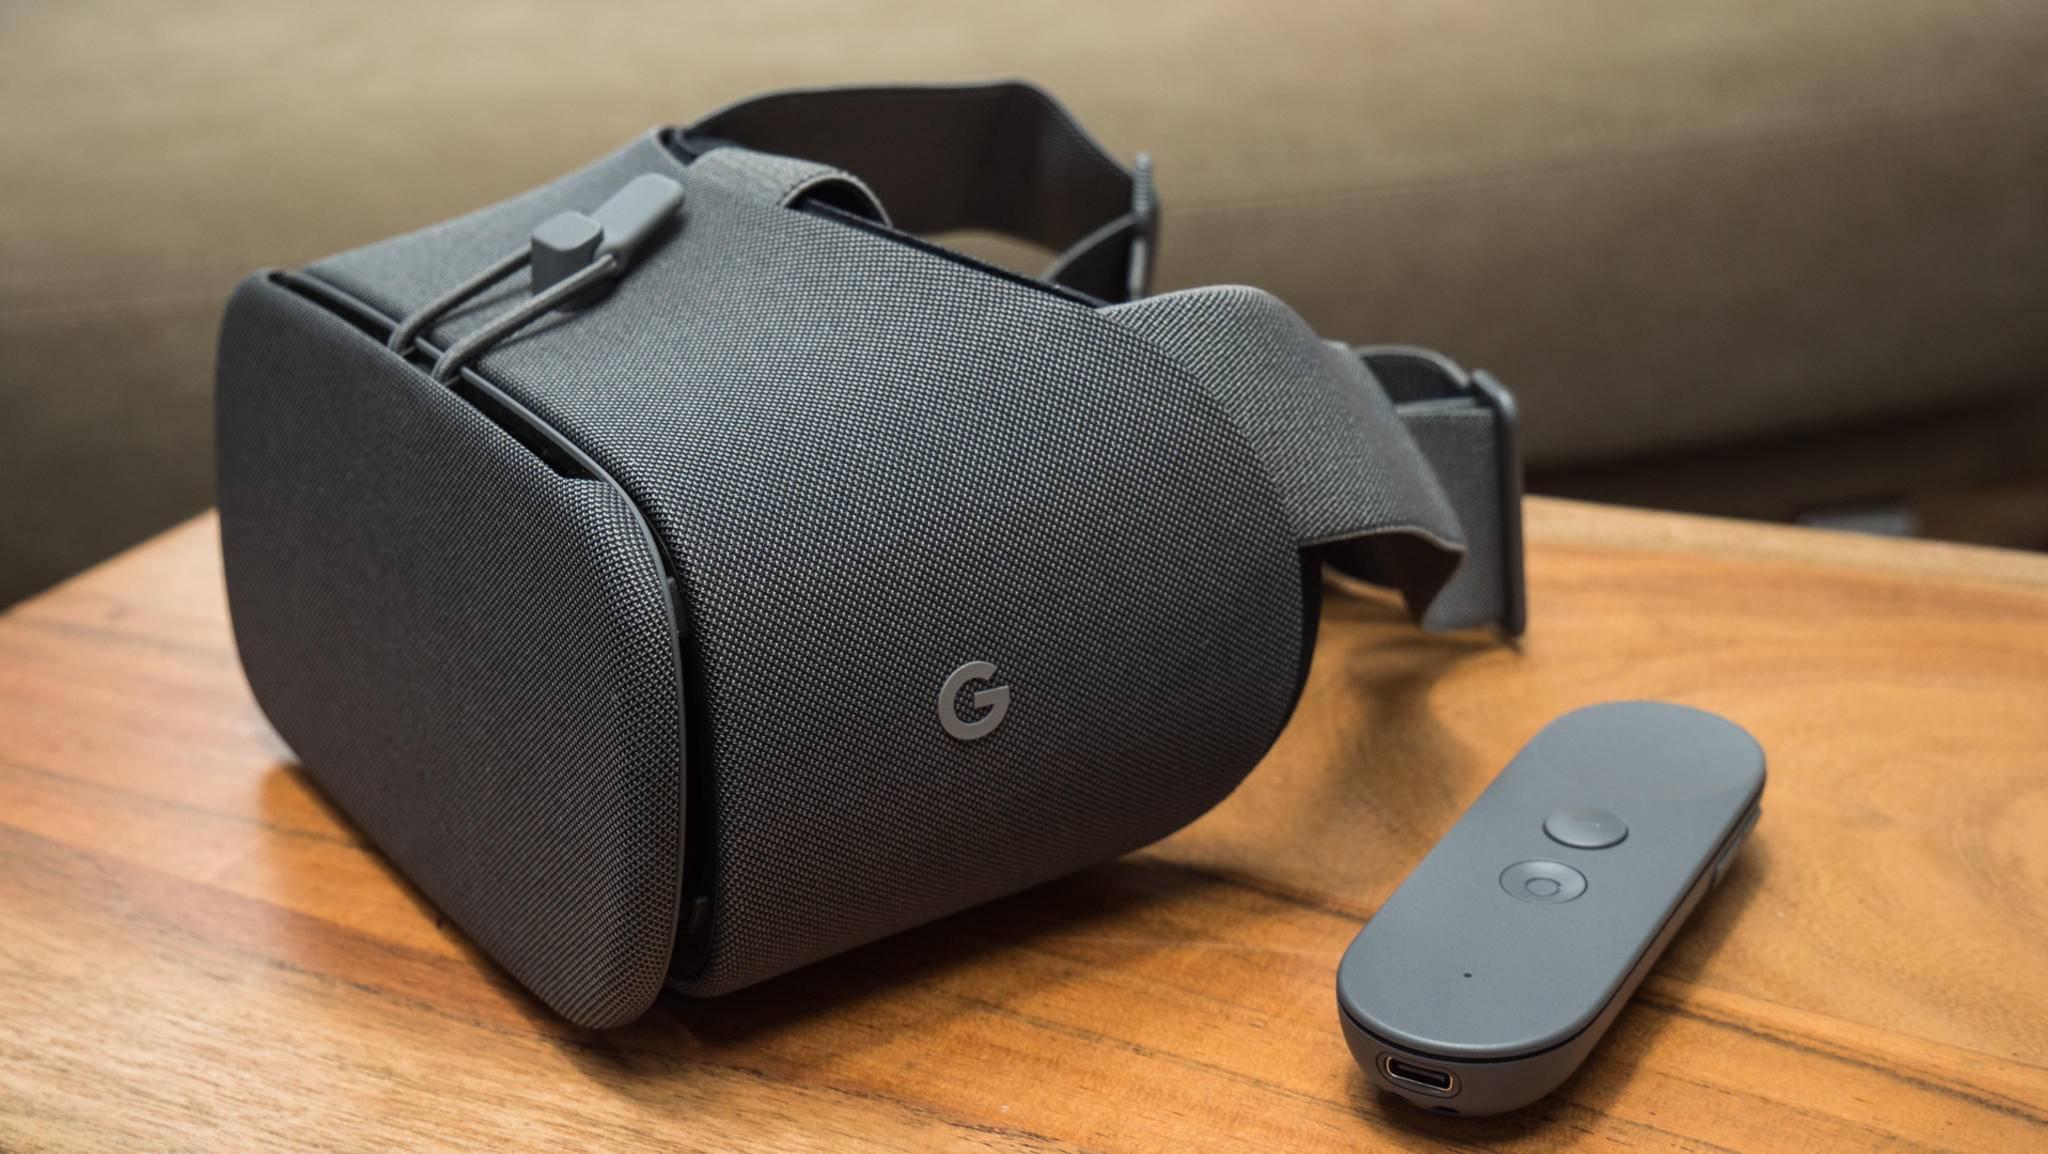 Vr Brille Lg G7 : Hochauflösende virtual reality google entwickelt brille mit ppi